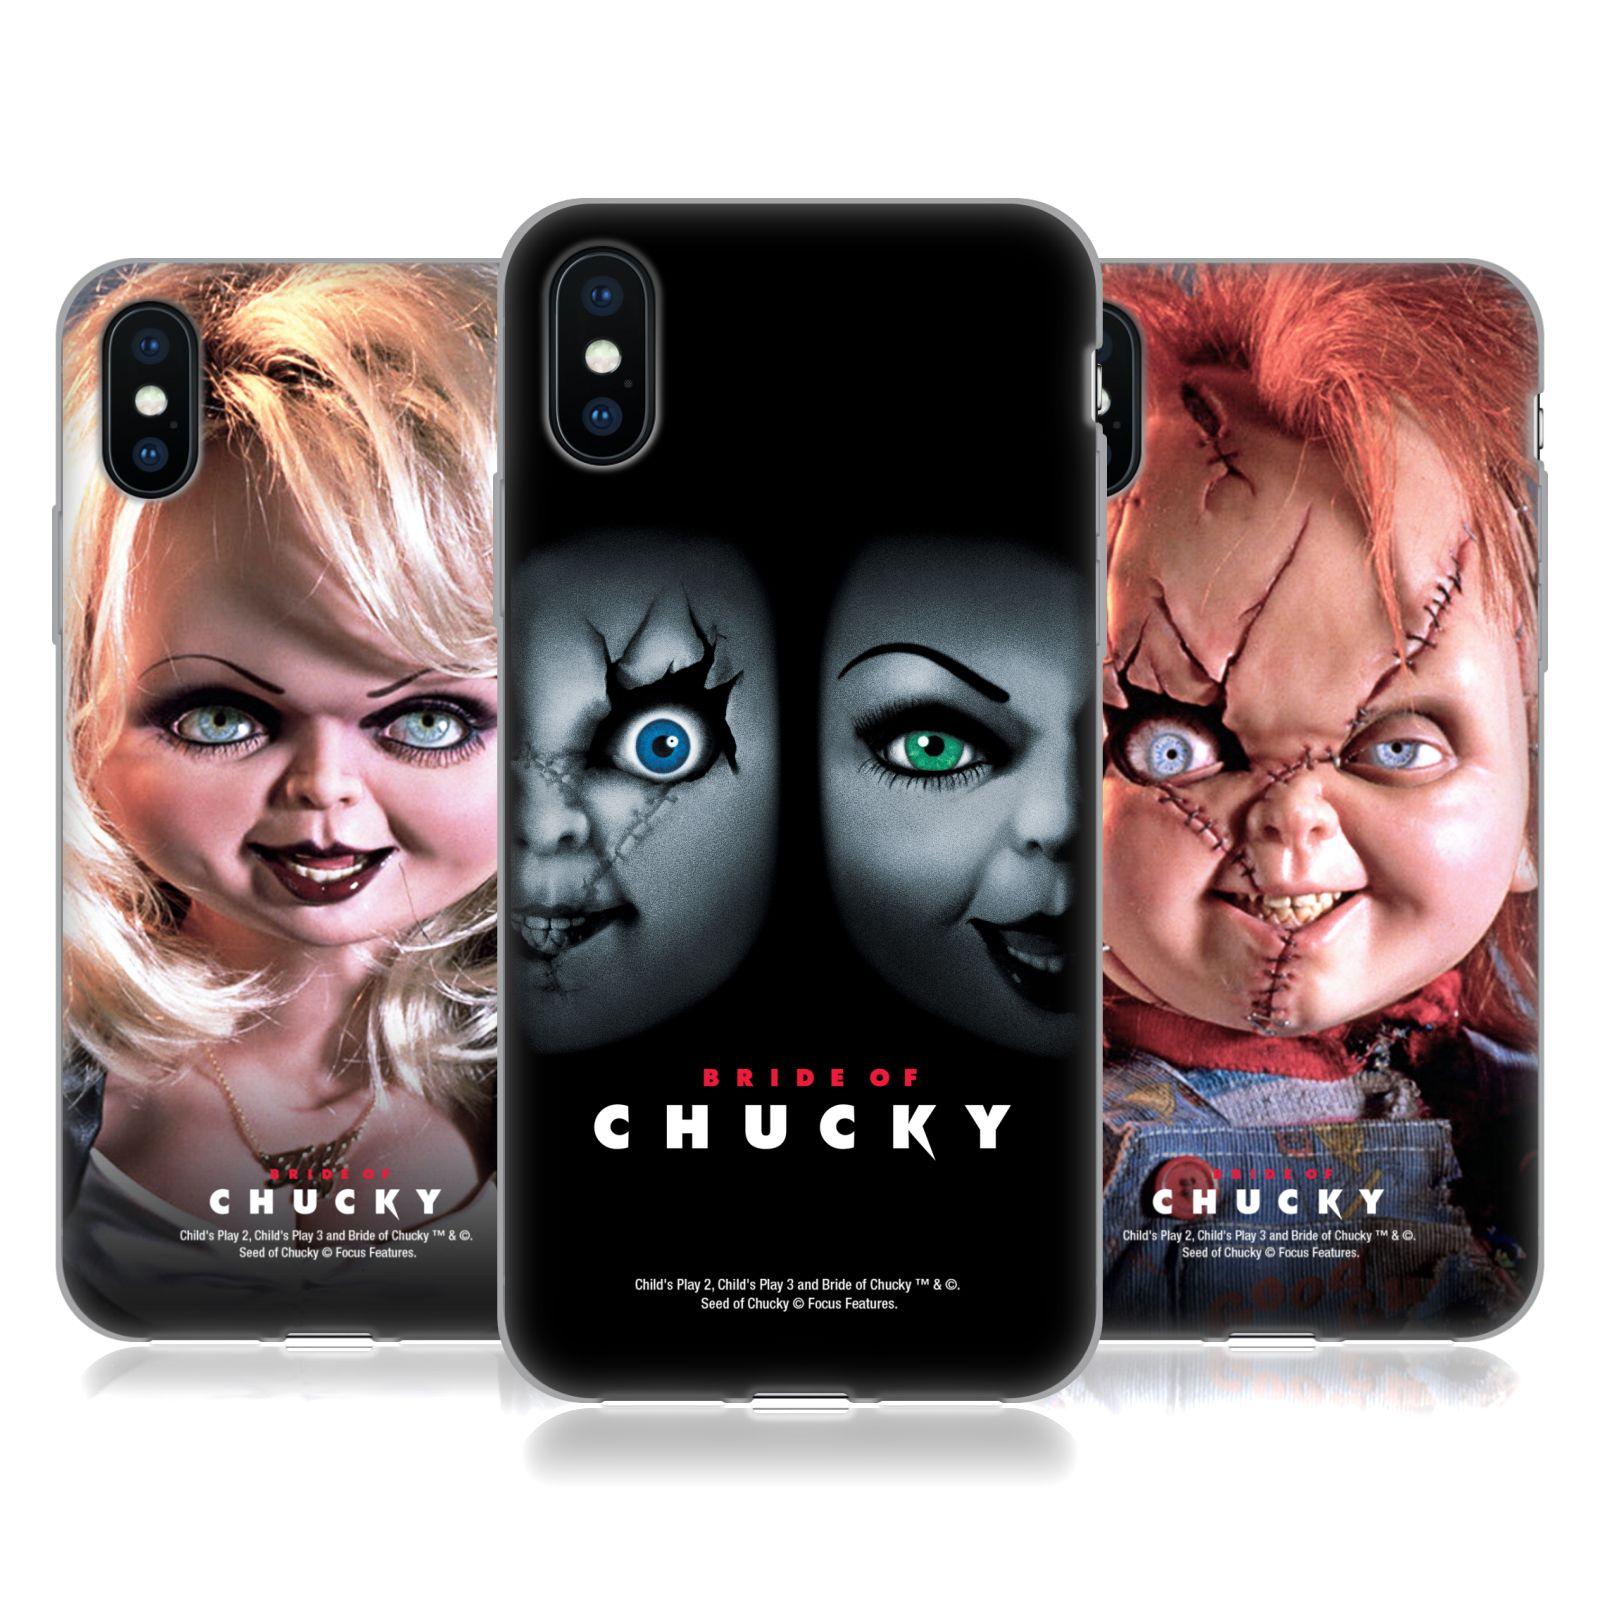 Bride of Chucky <!--translate-lineup-->Key Art<!--translate-lineup-->